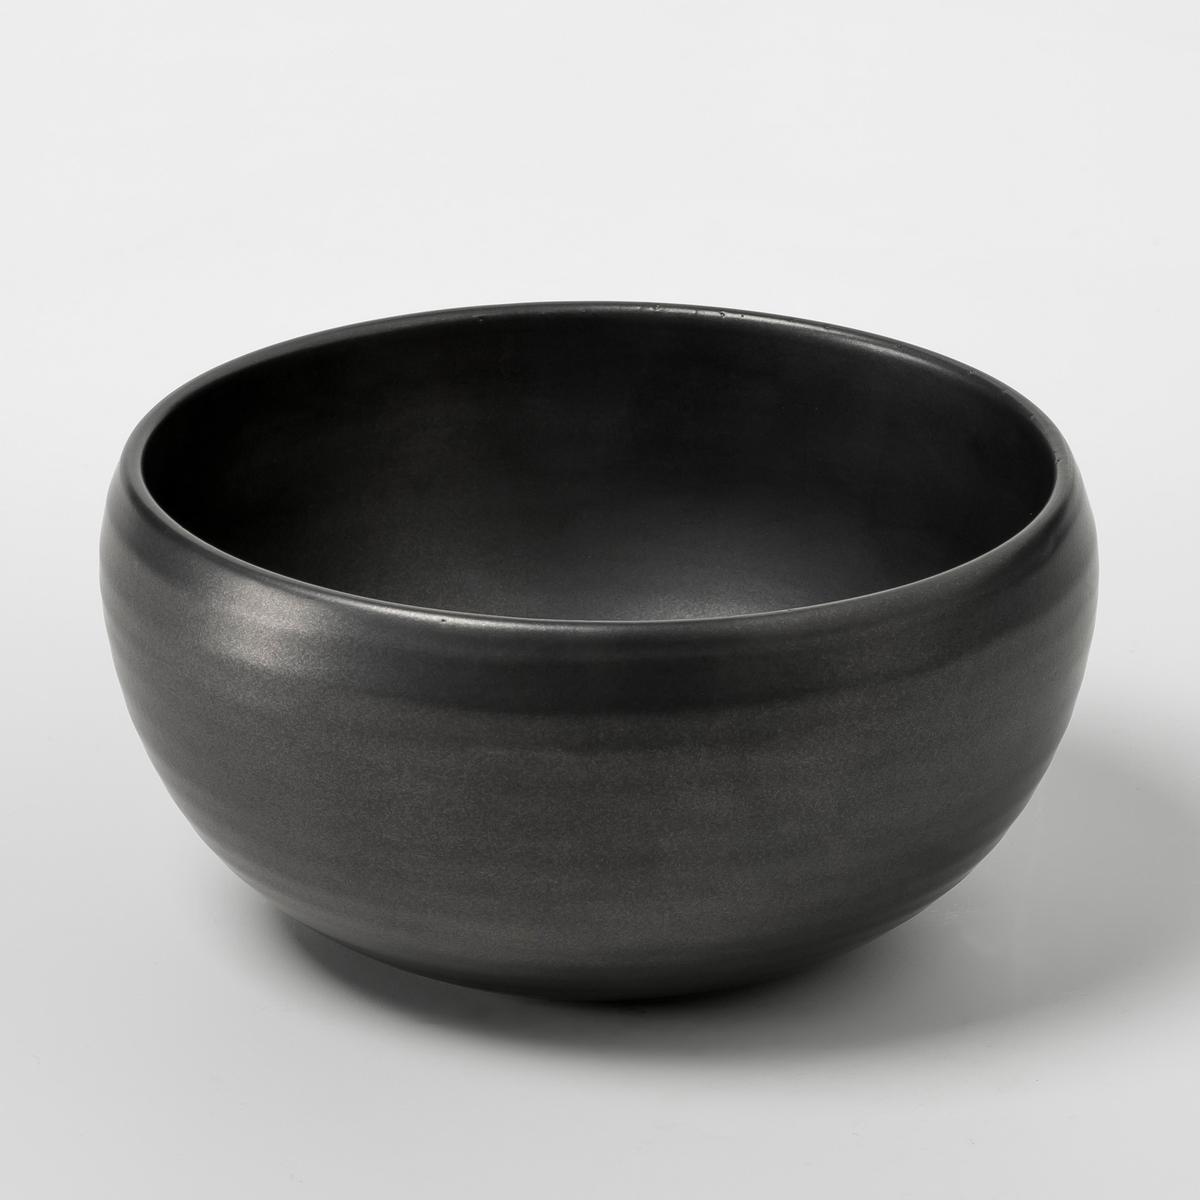 Чашка из керамики Pure дизайн П.Нессенса, SeraxХарактеристики: - Из матовой керамики с эффектом чеканки .- Можно использовать в посудомоечных машинах и микроволновых печах.- Десертная и плоская тарелки из комплекта продаются на нашем сайте .Размеры  :- ?14,5 x Выс 7 см .<br><br>Цвет: черный